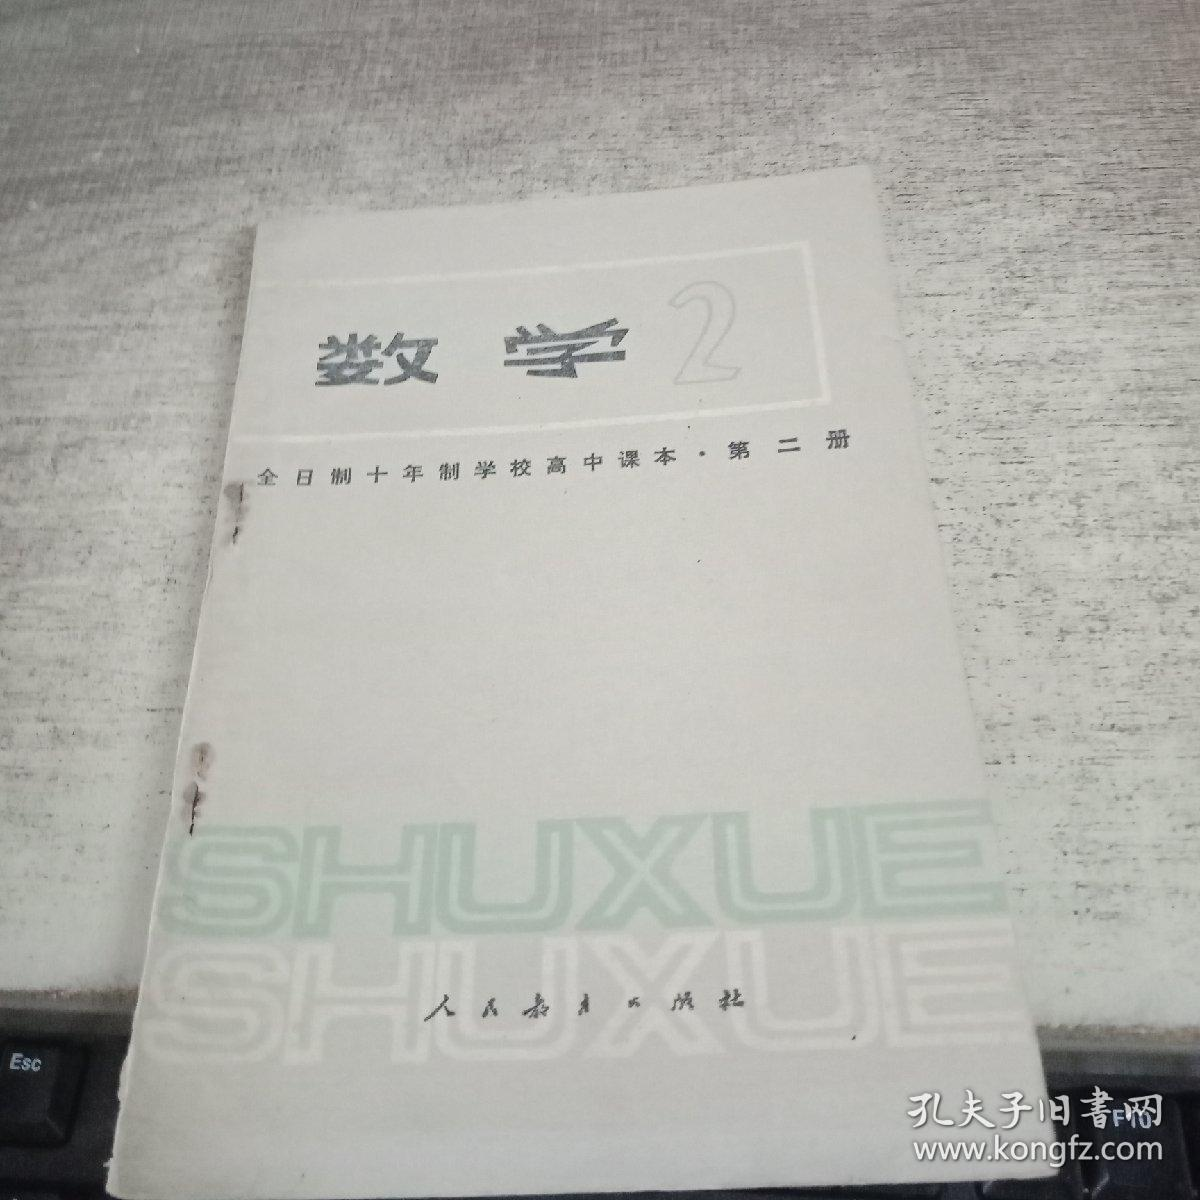 全日制十课本副词学校数学高中第二册的年制高中英语图片